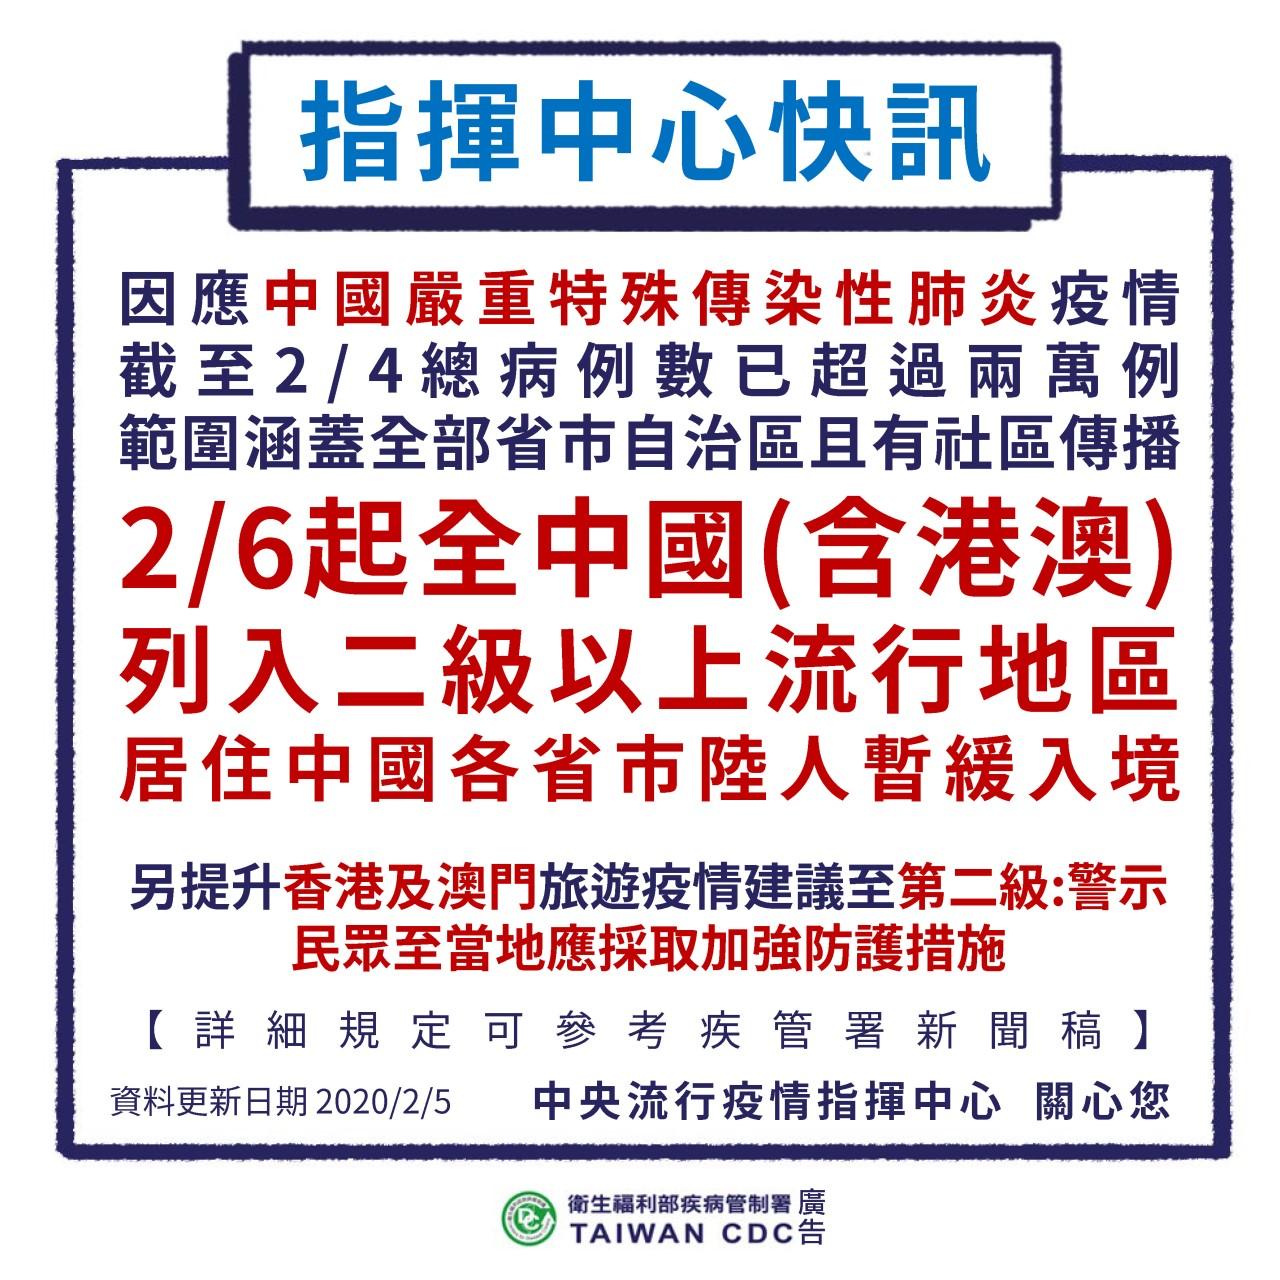 居住中國各省市陸人暫緩入境(照片來源:疾病管制署)